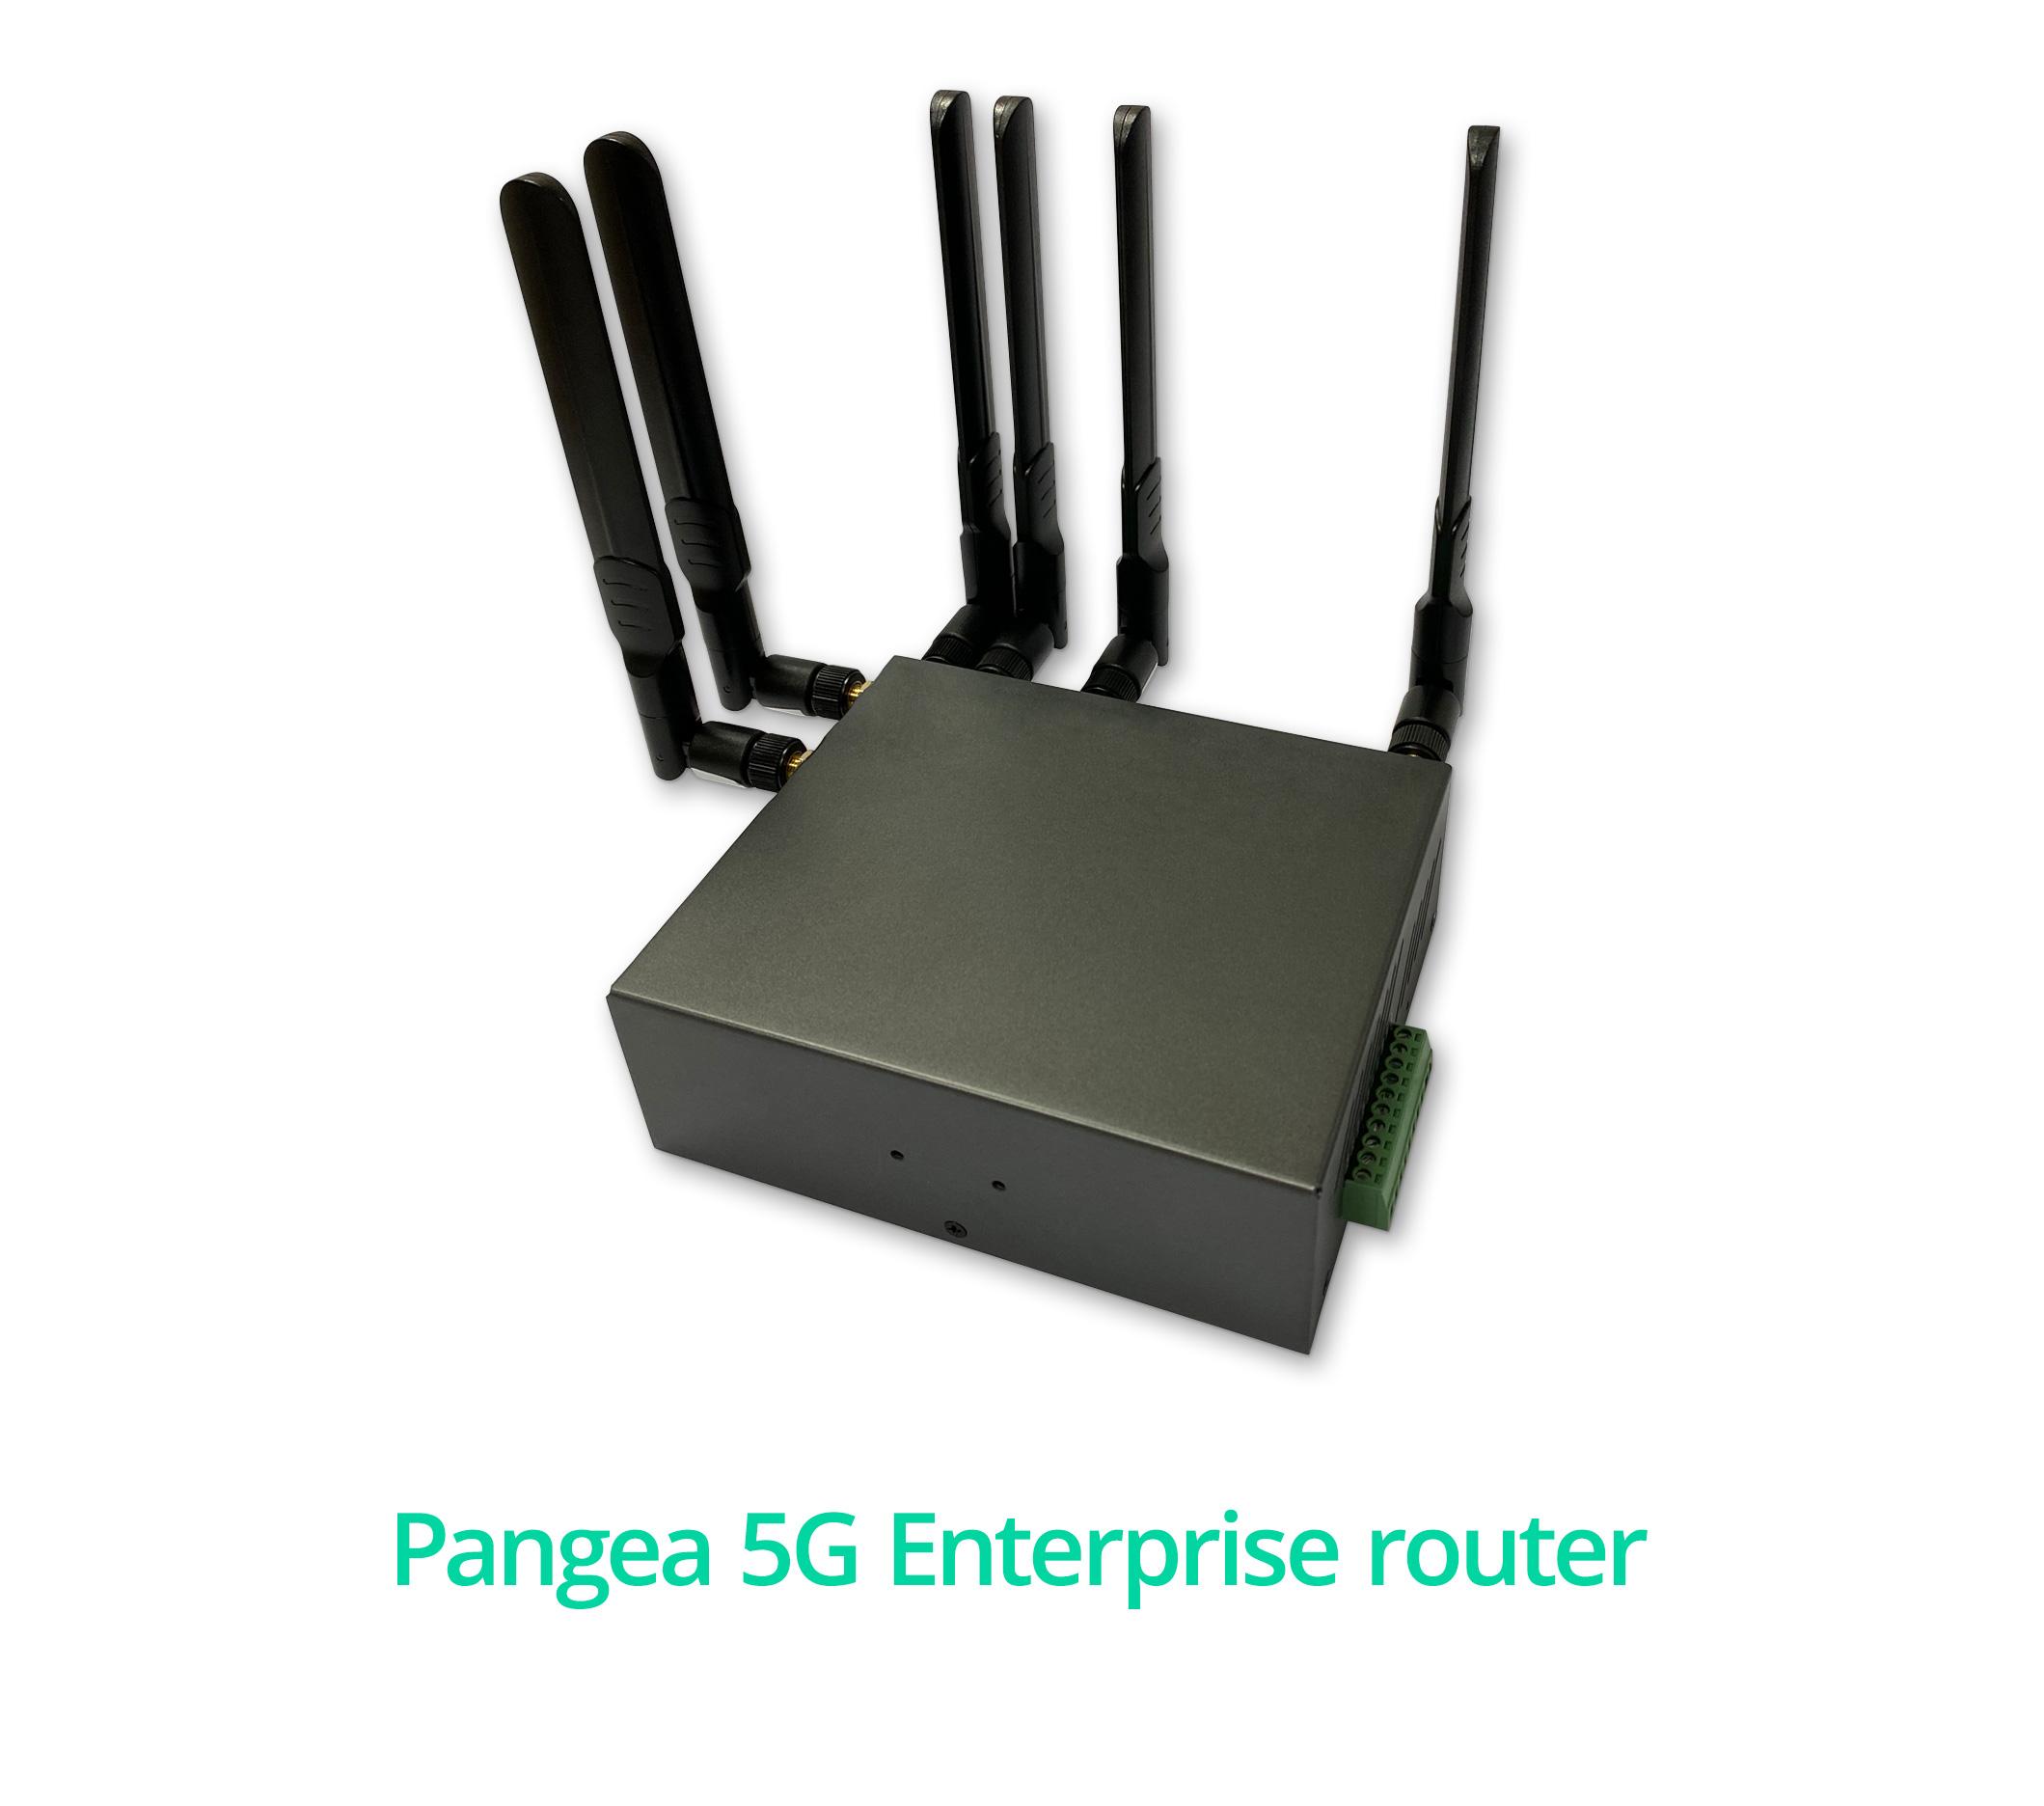 Pangea 4G Enterprise router - Pangea 5G connectivity Enterprise router link